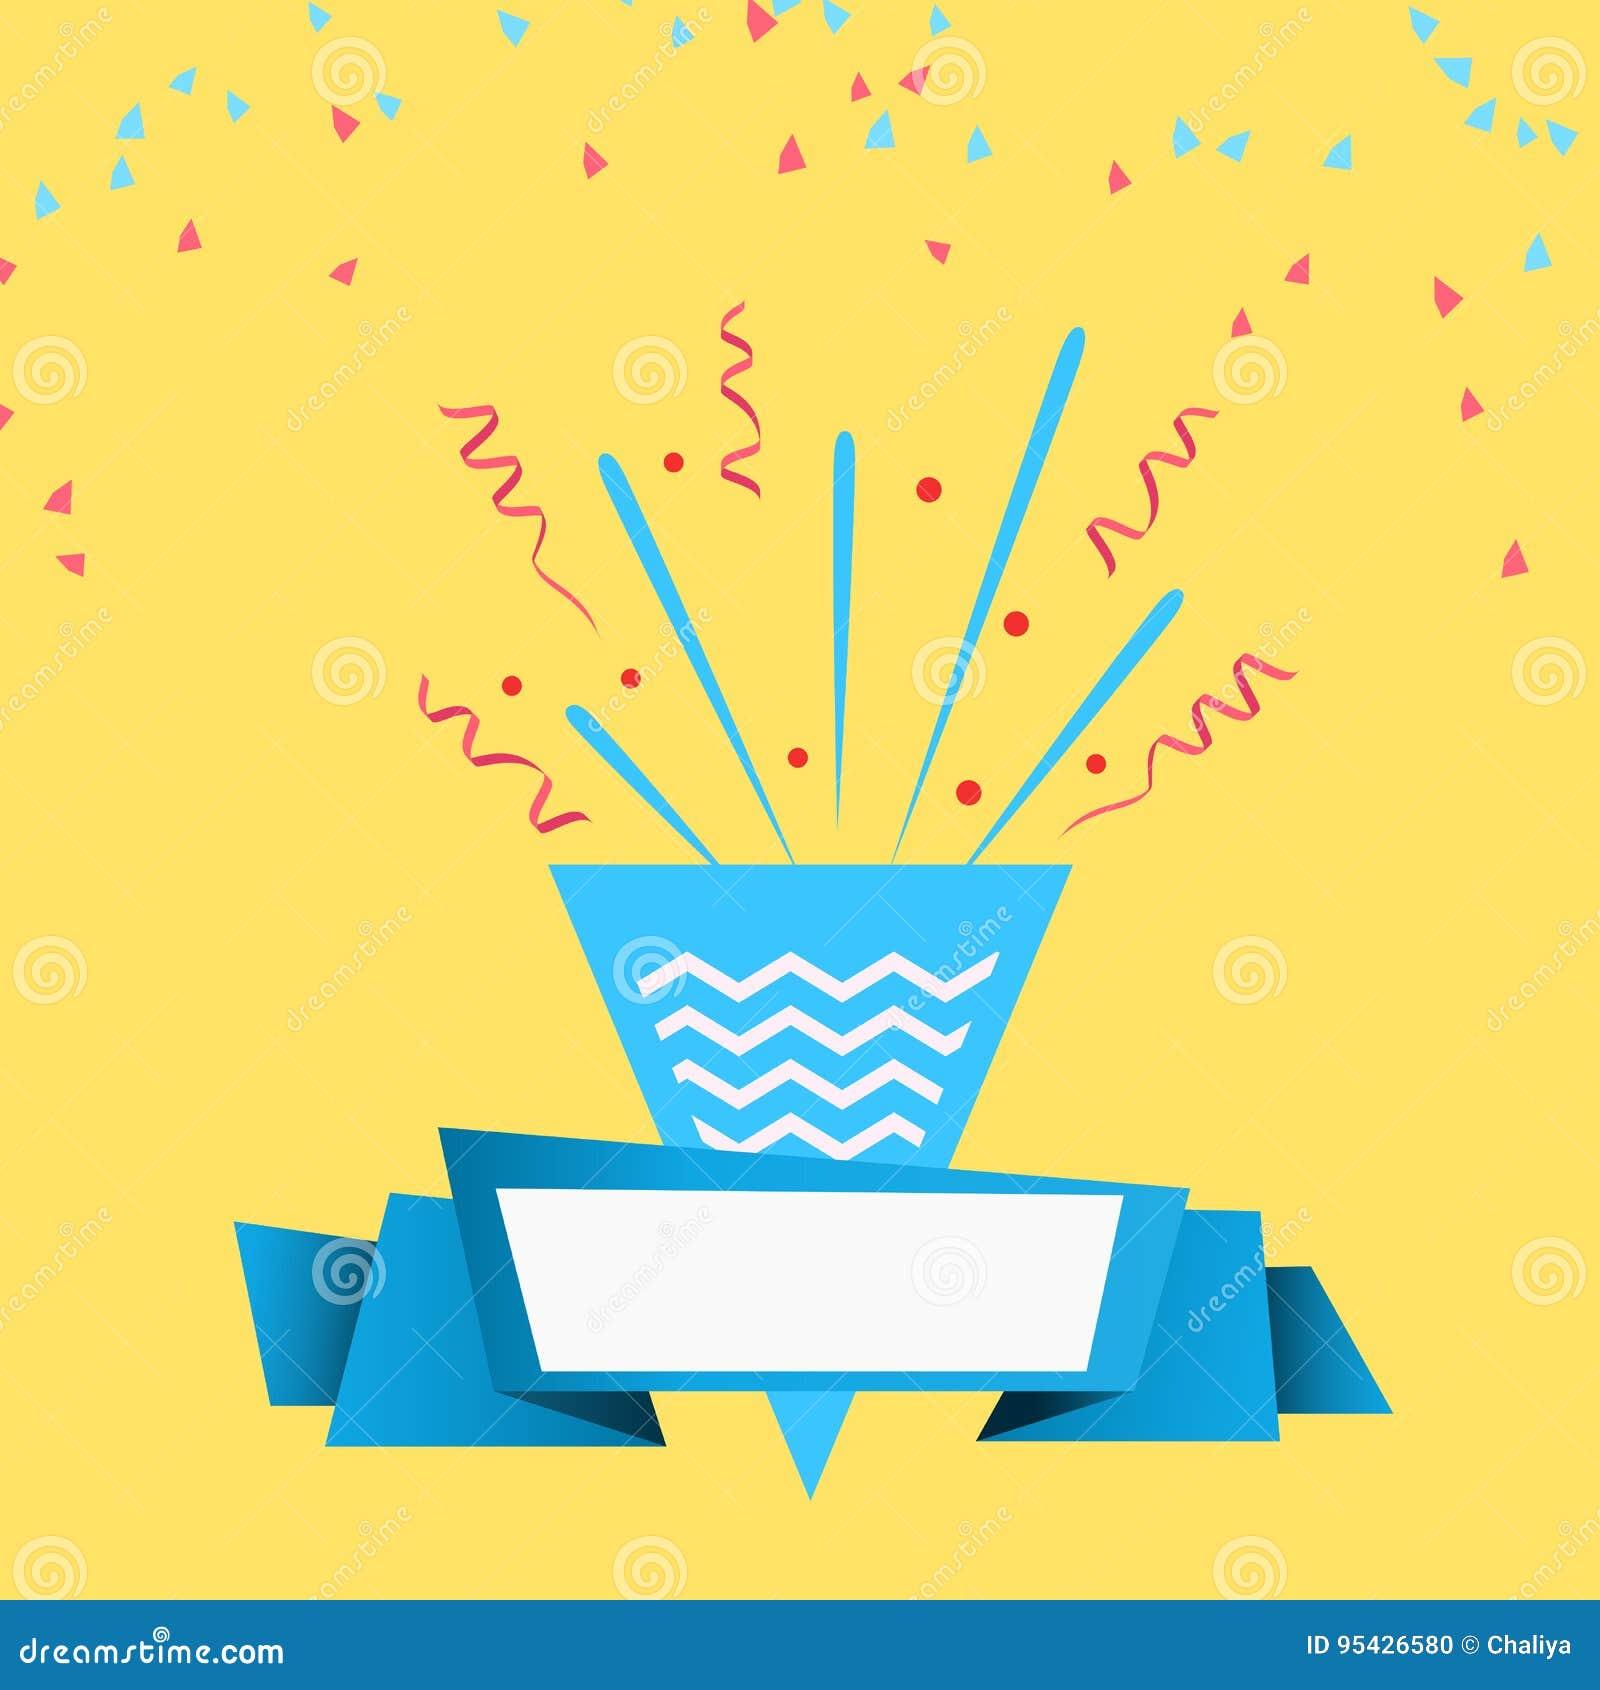 Celebre el diseño festivo de la celebración de días festivos con el fondo de papel del tostador de palomitas de maíz del confeti,